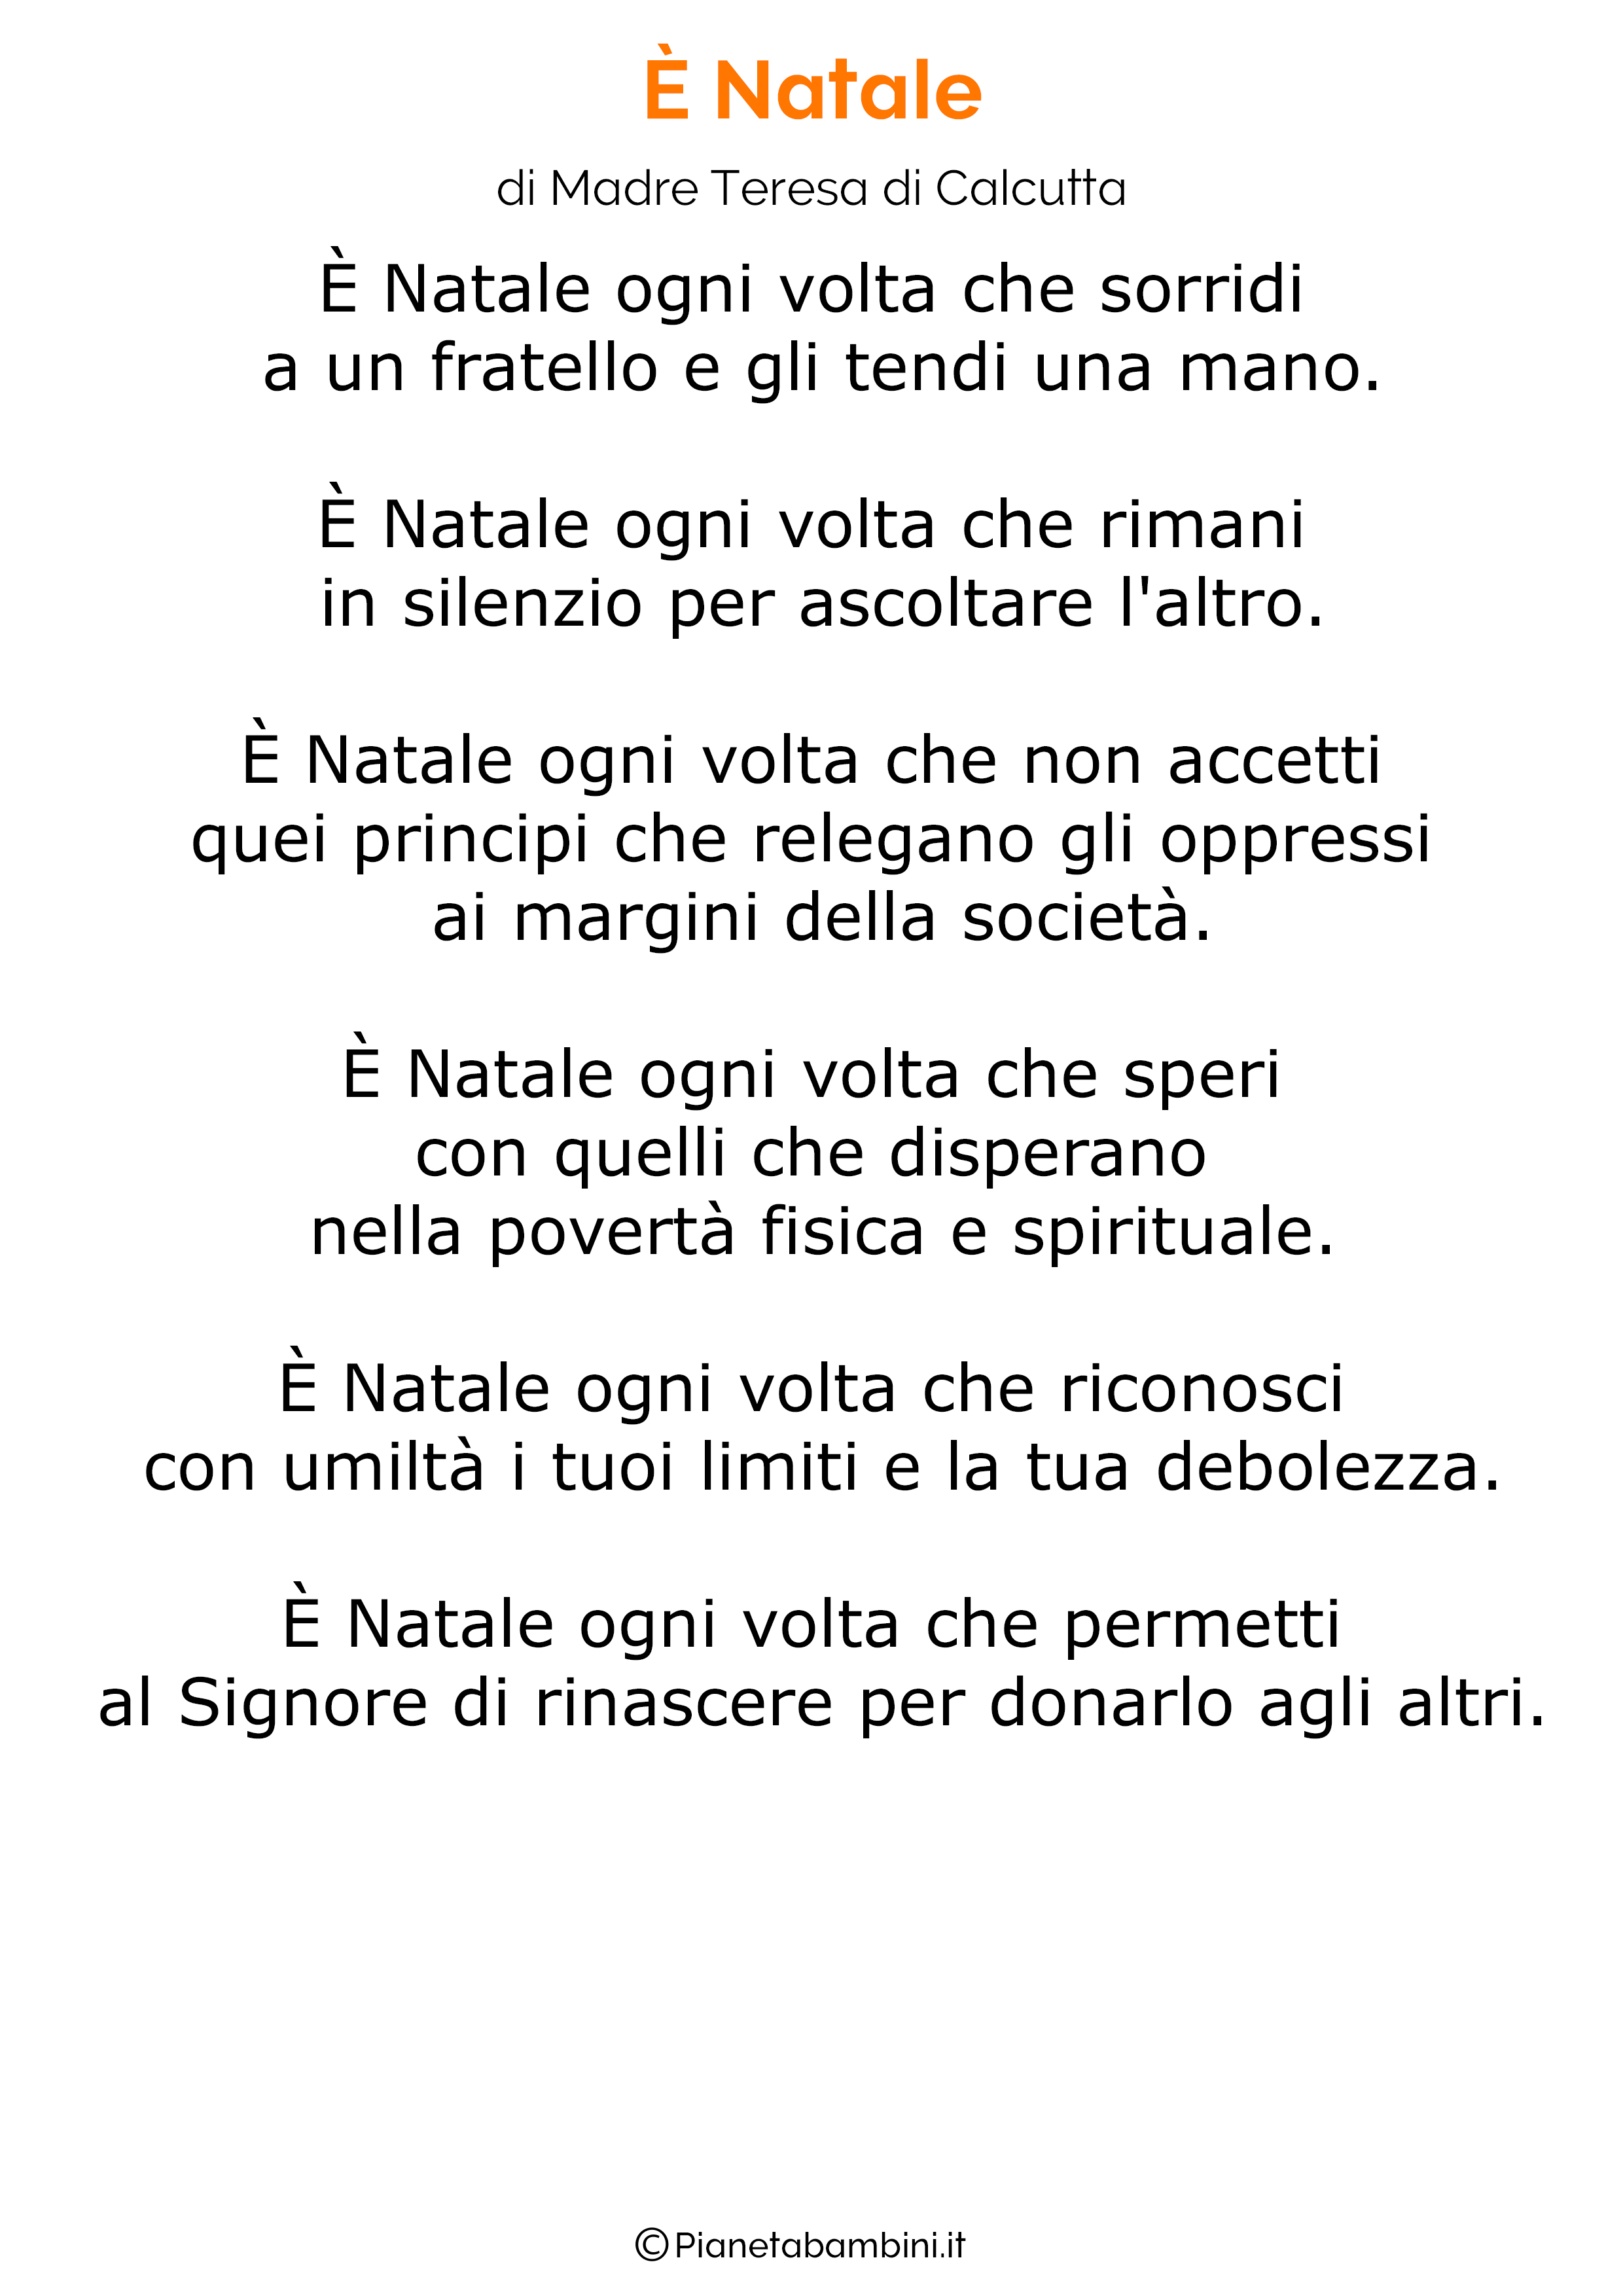 Poesie Sul Natale Di Madre Teresa Di Calcutta.45 Poesie Di Natale Per Bambini Pianetabambini It Natale Parole Di Natale Natale Italiano